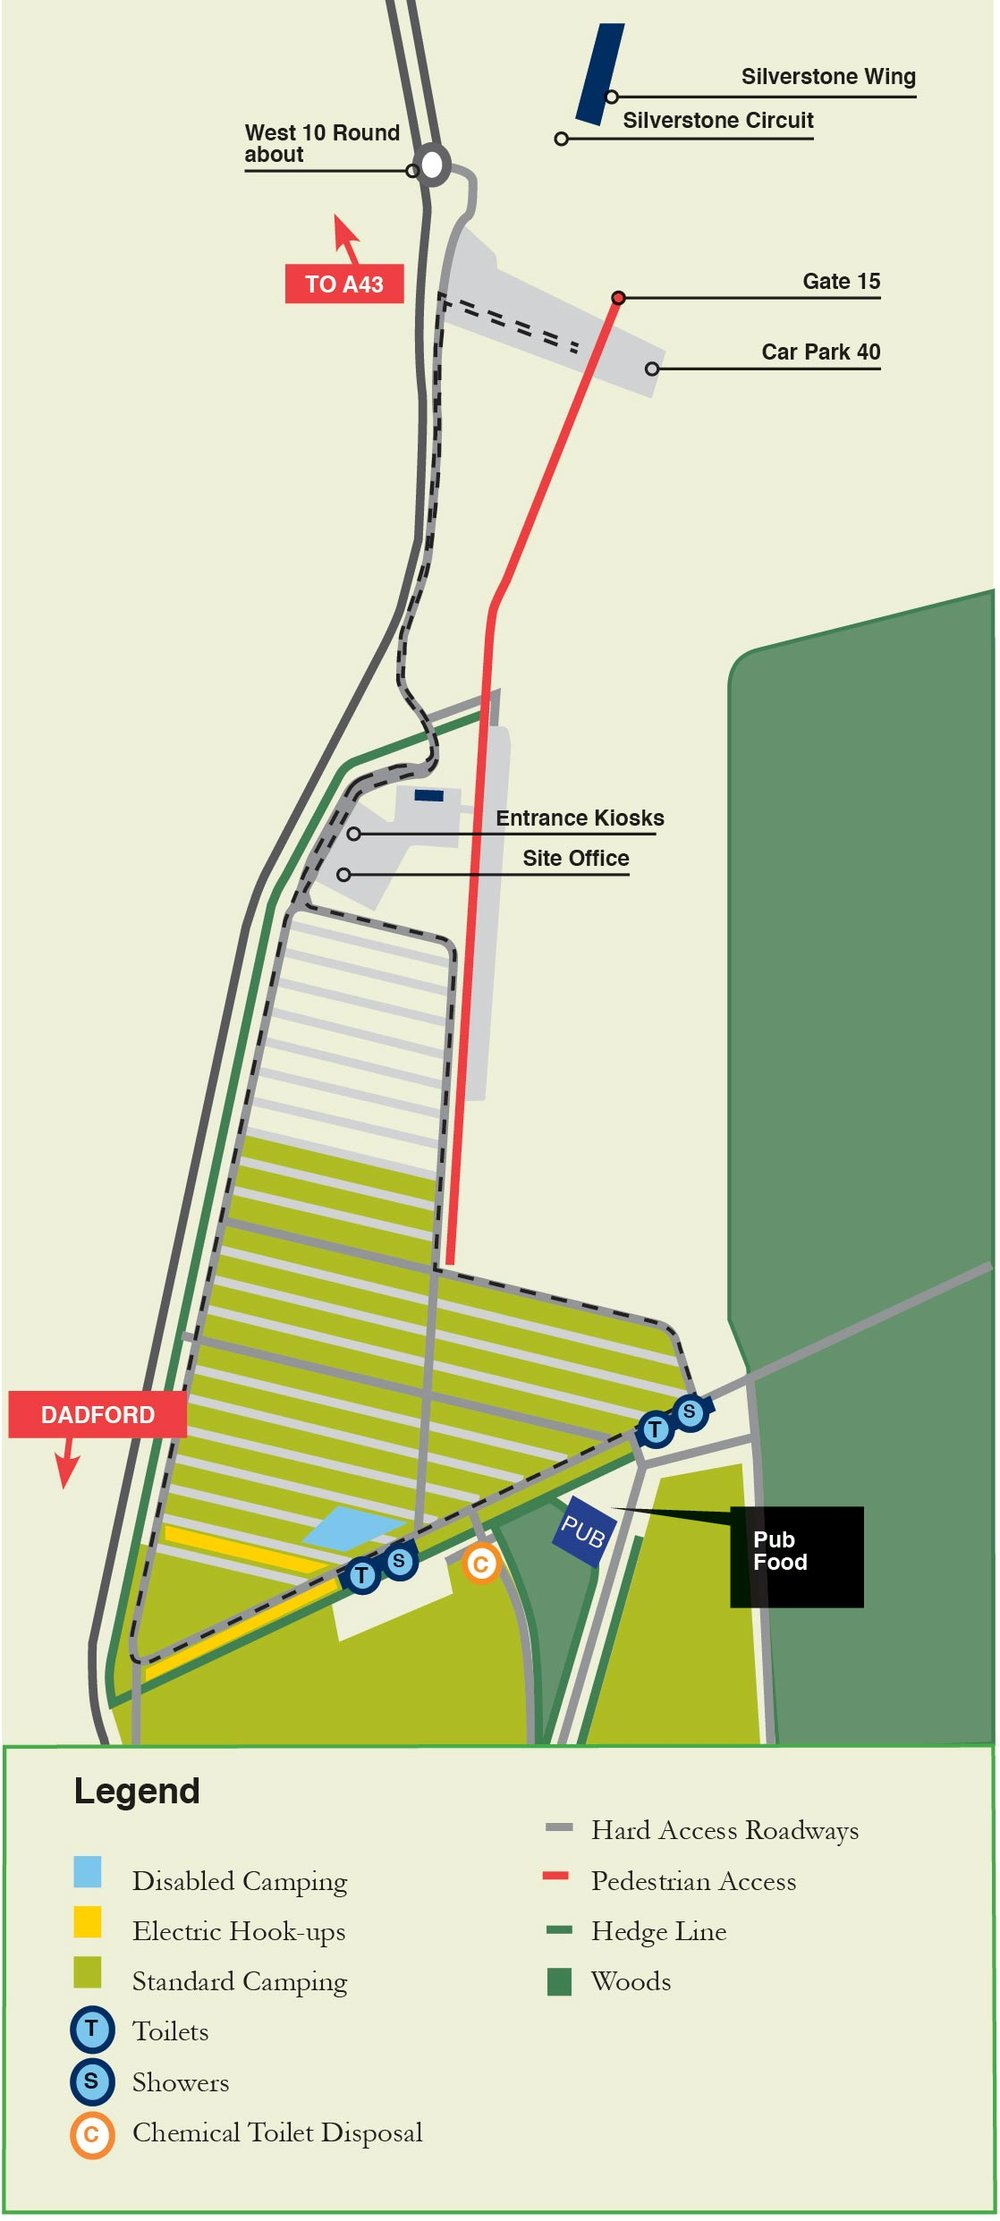 Map-SPEEDMACHINE -at-silverstone-woodlands-campsite-1200w.jpg